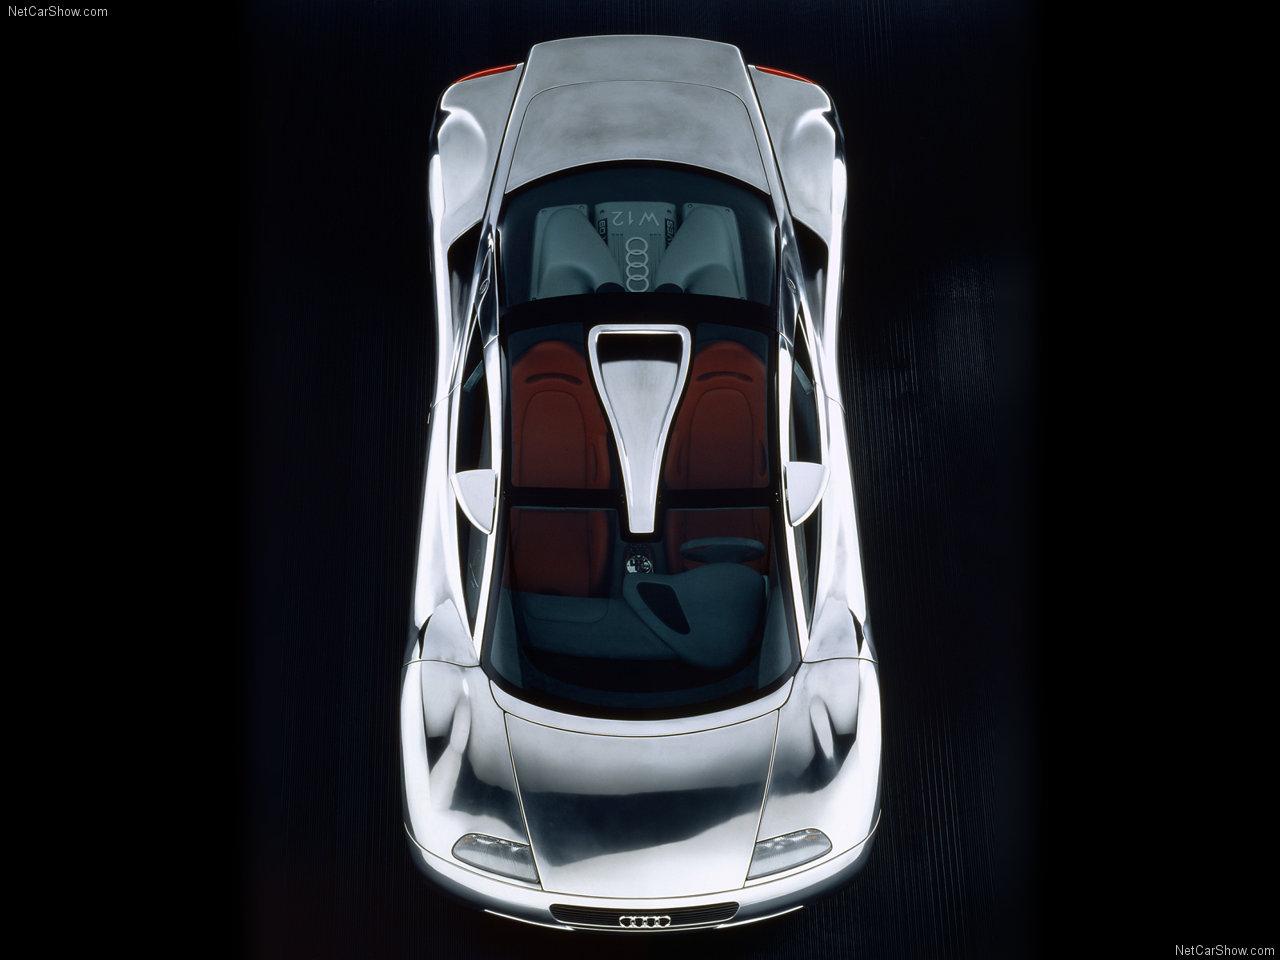 Audi Avus Quattro Concept 1991 Audi-Avus_quattro_Concept-1991-1280-05